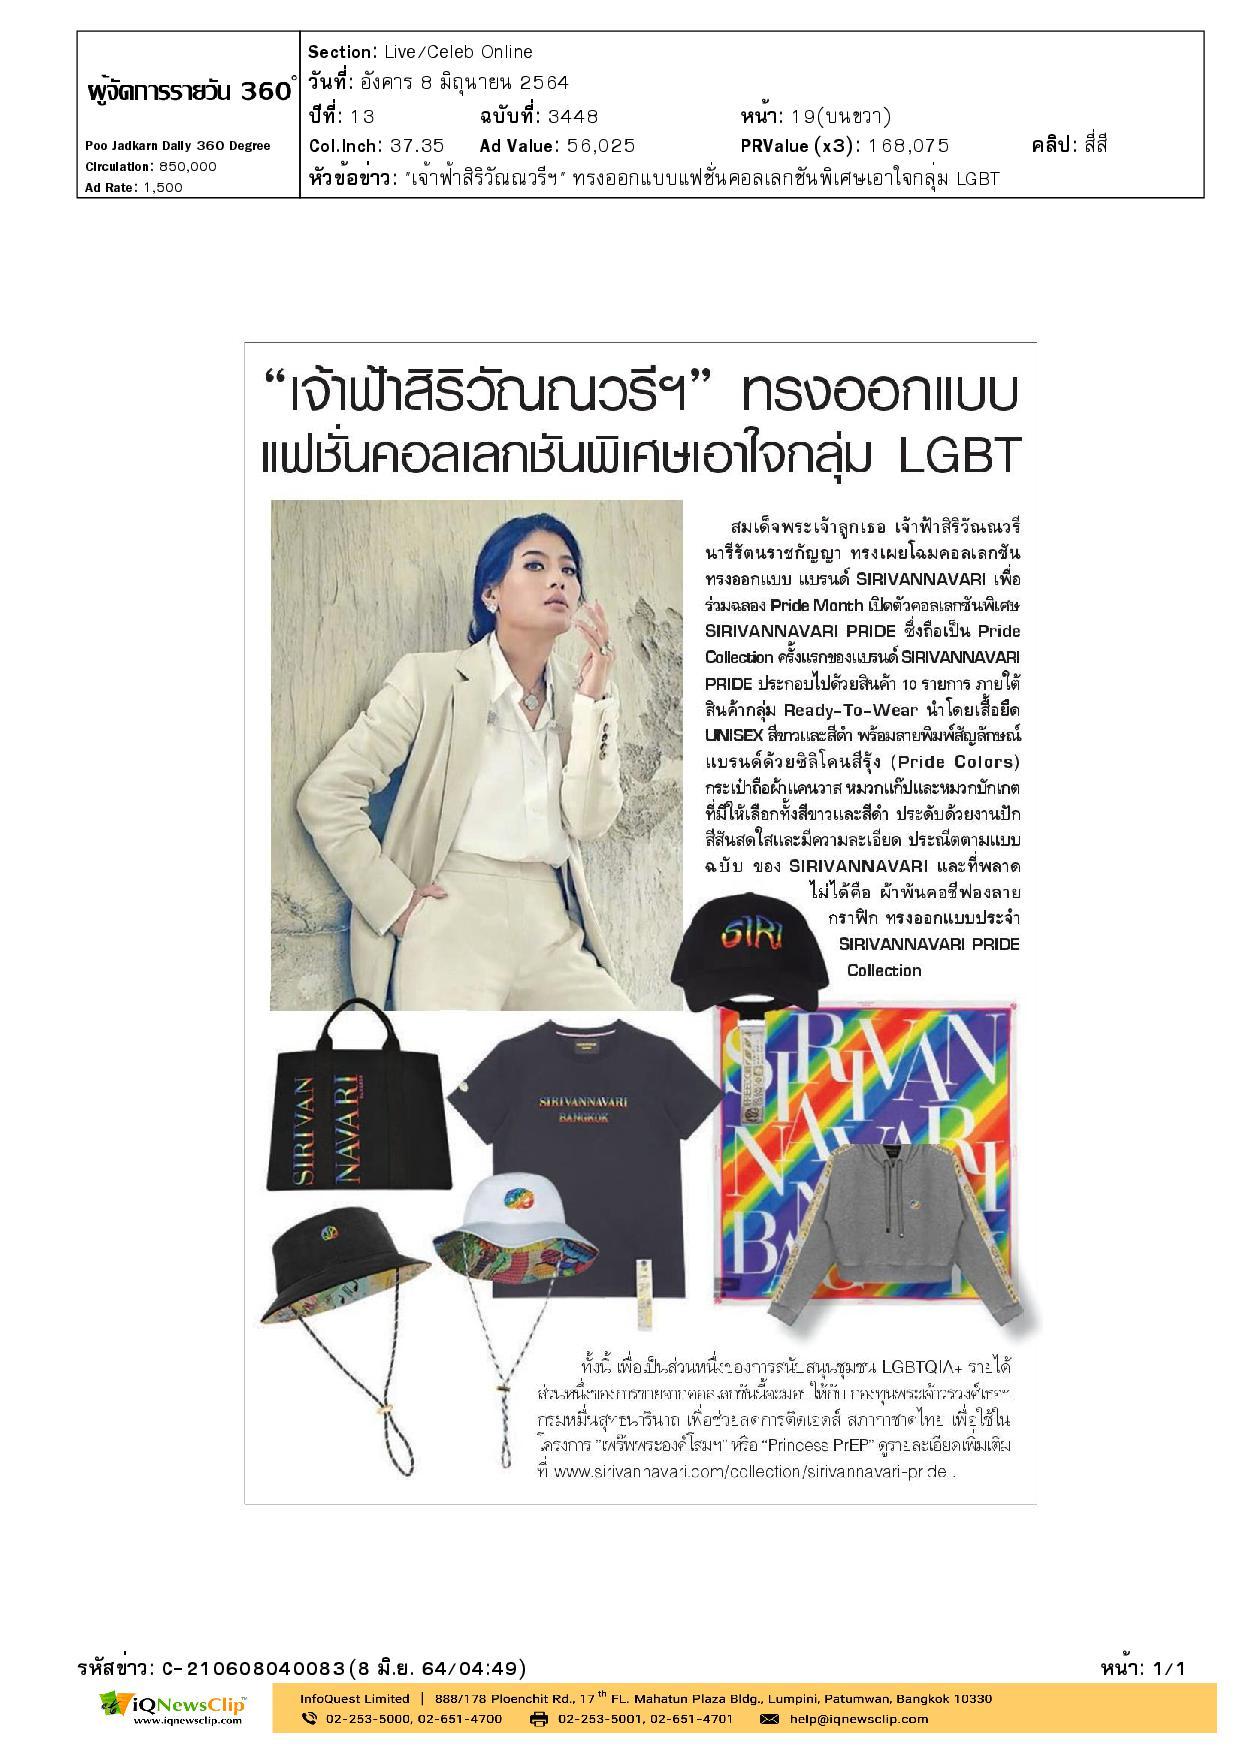 แบรนด์ SIRIVANNAVARI  รายได้ส่วนหนึ่งสมทบ กองทุนพระเจ้าวรวงศ์เธอฯ กรมหมื่นสุทธนารีนาถ เพื่อช่วยลดการติดเอดส์ สภากาชาดไทย